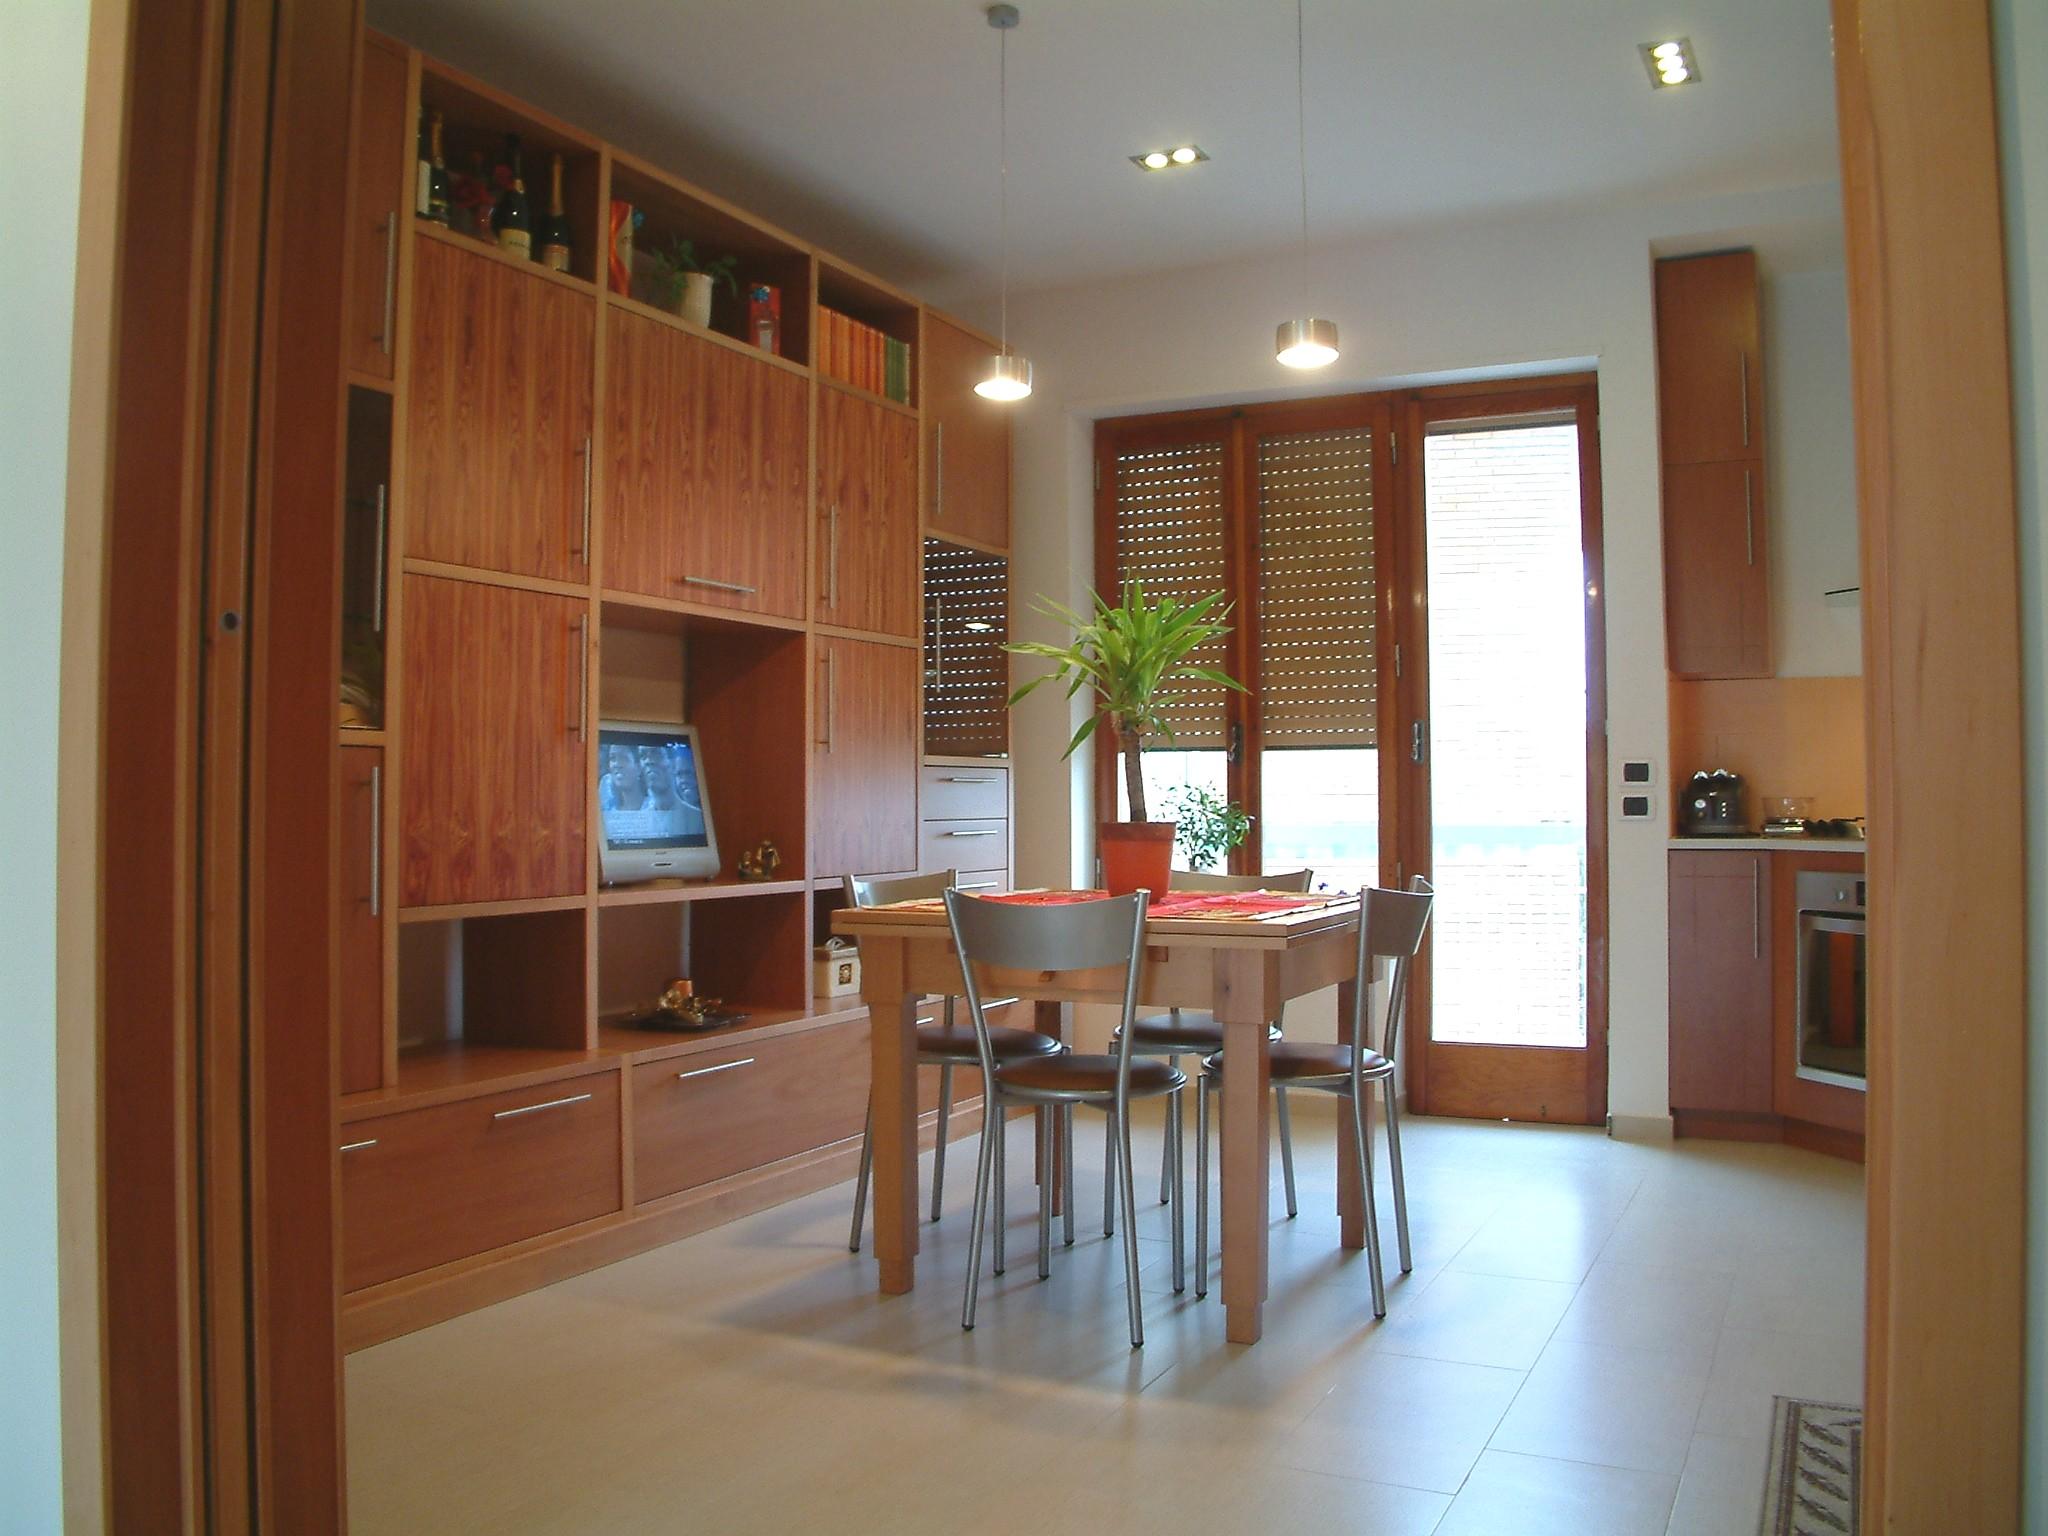 Stunning progetti cucine in muratura rustiche contemporary for Cucine in muratura rustiche